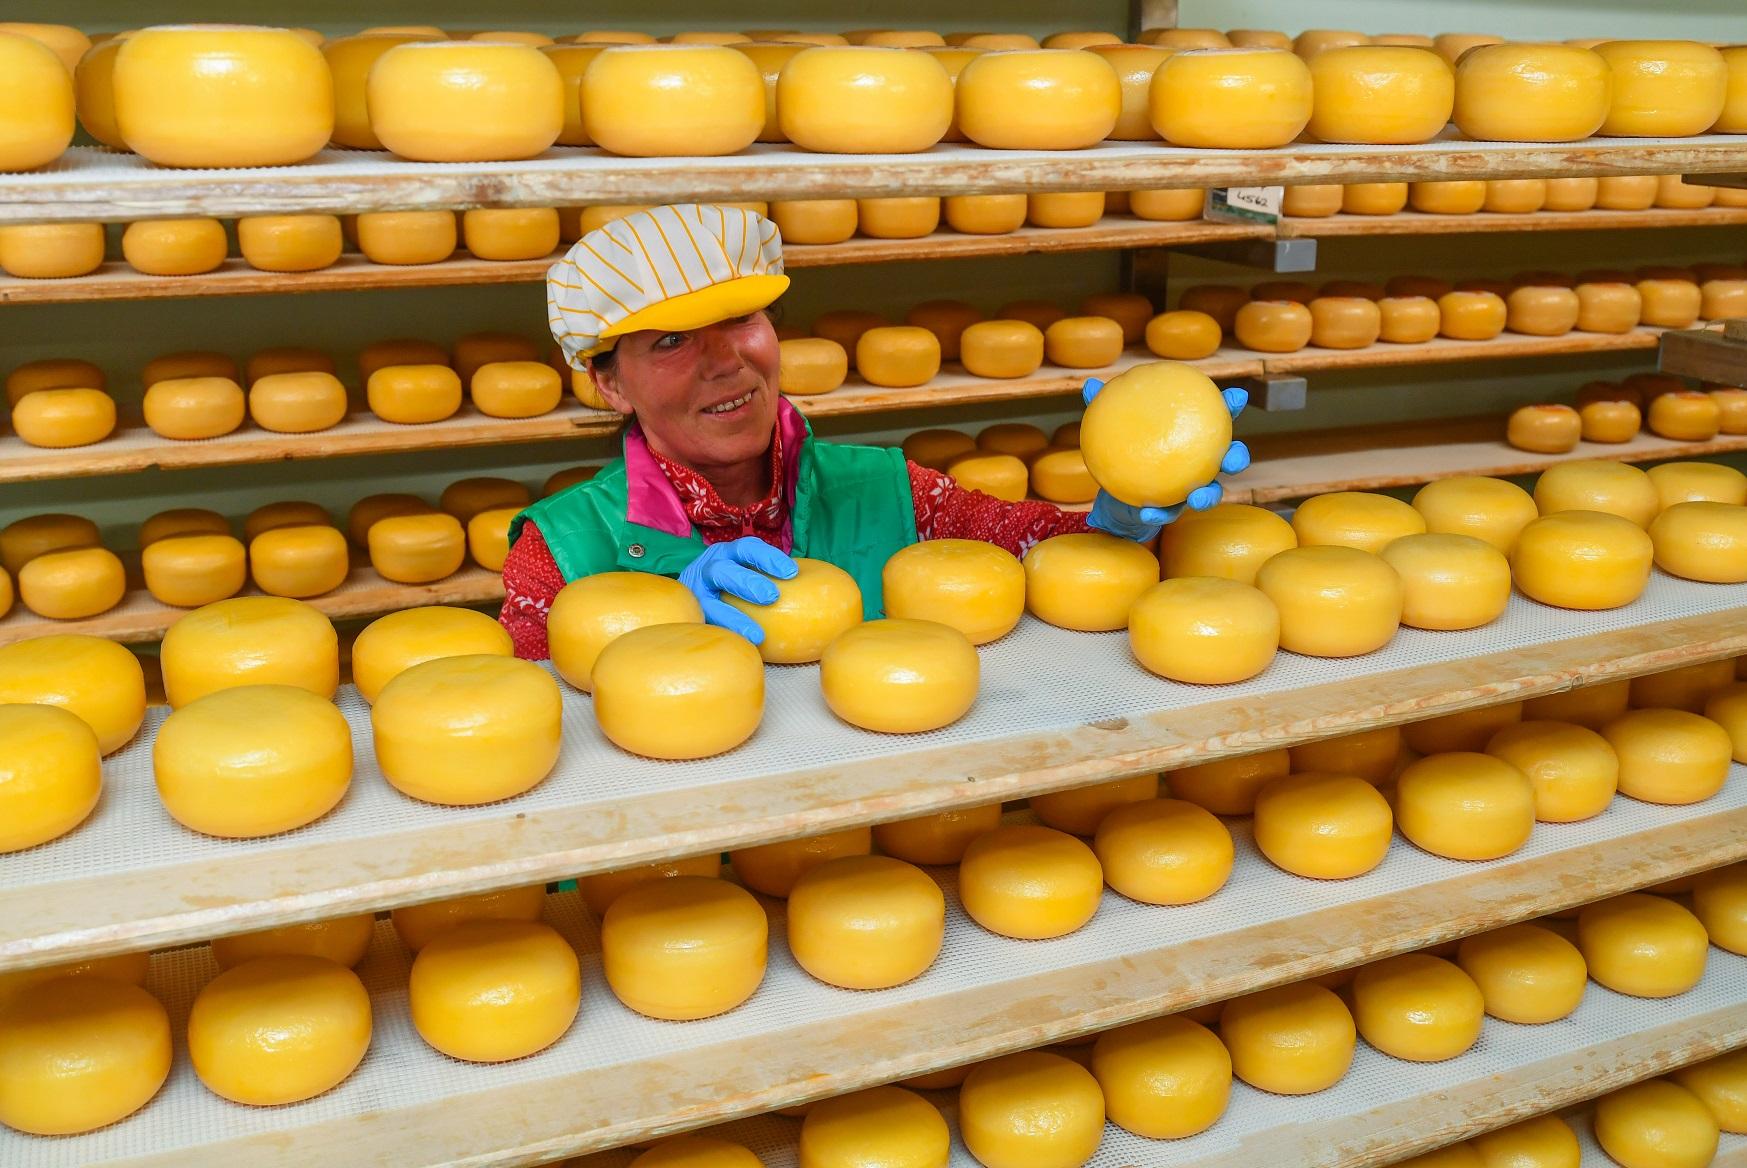 Pesquisa do Ministério da Agricultura mostra que 76% dos alemães preferem os produtos produzidos em sua região. Foto de Patrick Pleul/DPA